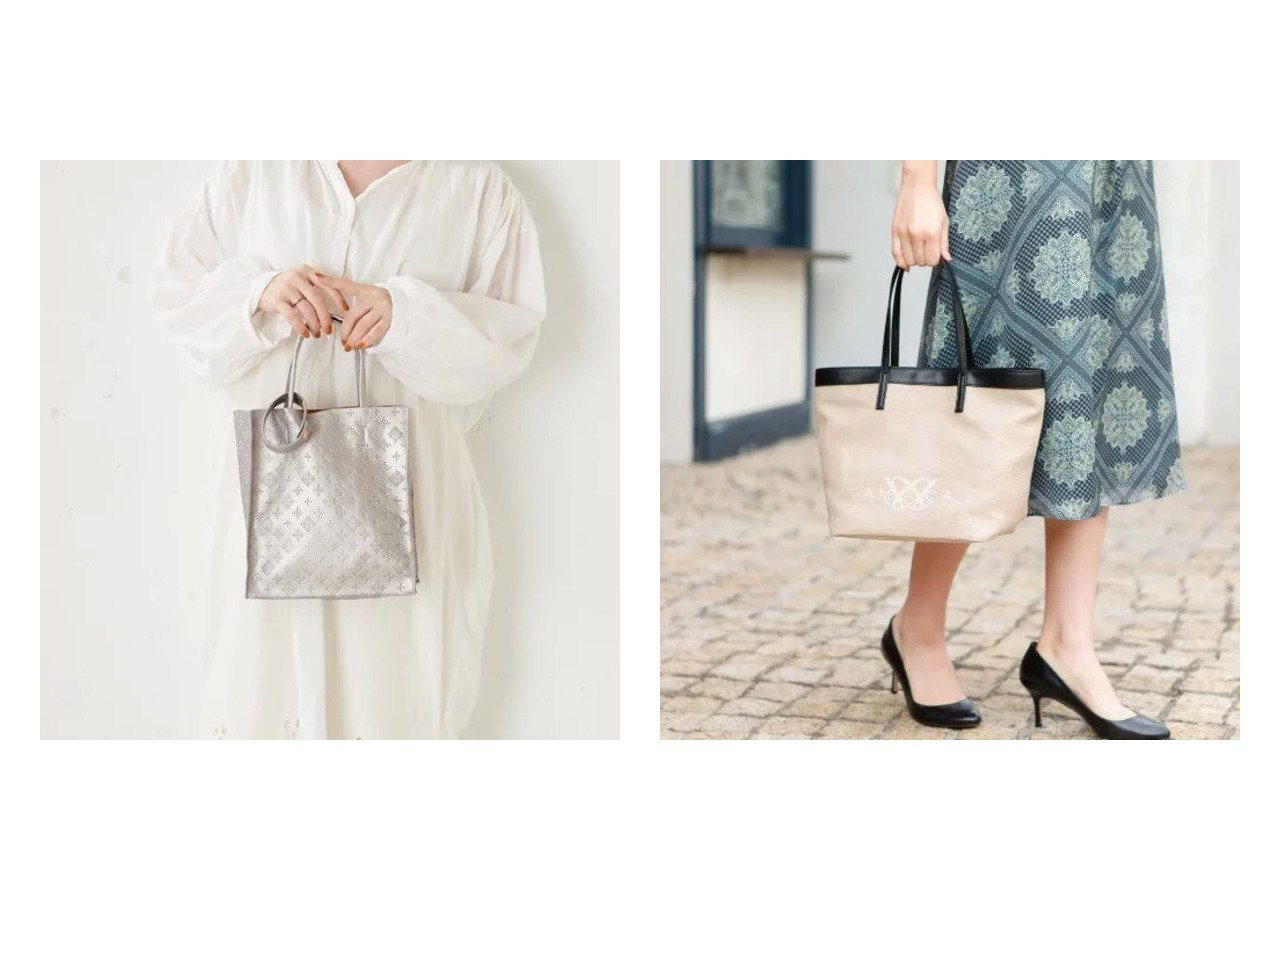 【AMACA/アマカ】のロゴバッグ&【Daily russet/デイリー ラシット】の【超軽量な140g】フェイクレザー エンボス縦長トートバッグ(S) 【バッグ・鞄】おすすめ!人気、トレンド・レディースファッションの通販 おすすめで人気の流行・トレンド、ファッションの通販商品 メンズファッション・キッズファッション・インテリア・家具・レディースファッション・服の通販 founy(ファニー) https://founy.com/ ファッション Fashion レディースファッション WOMEN バッグ Bag コンパクト シンプル ハンドバッグ フェイクレザー プチプライス・低価格 Affordable ポケット 軽量 ジュート プリント 日本製 Made in Japan  ID:crp329100000035510